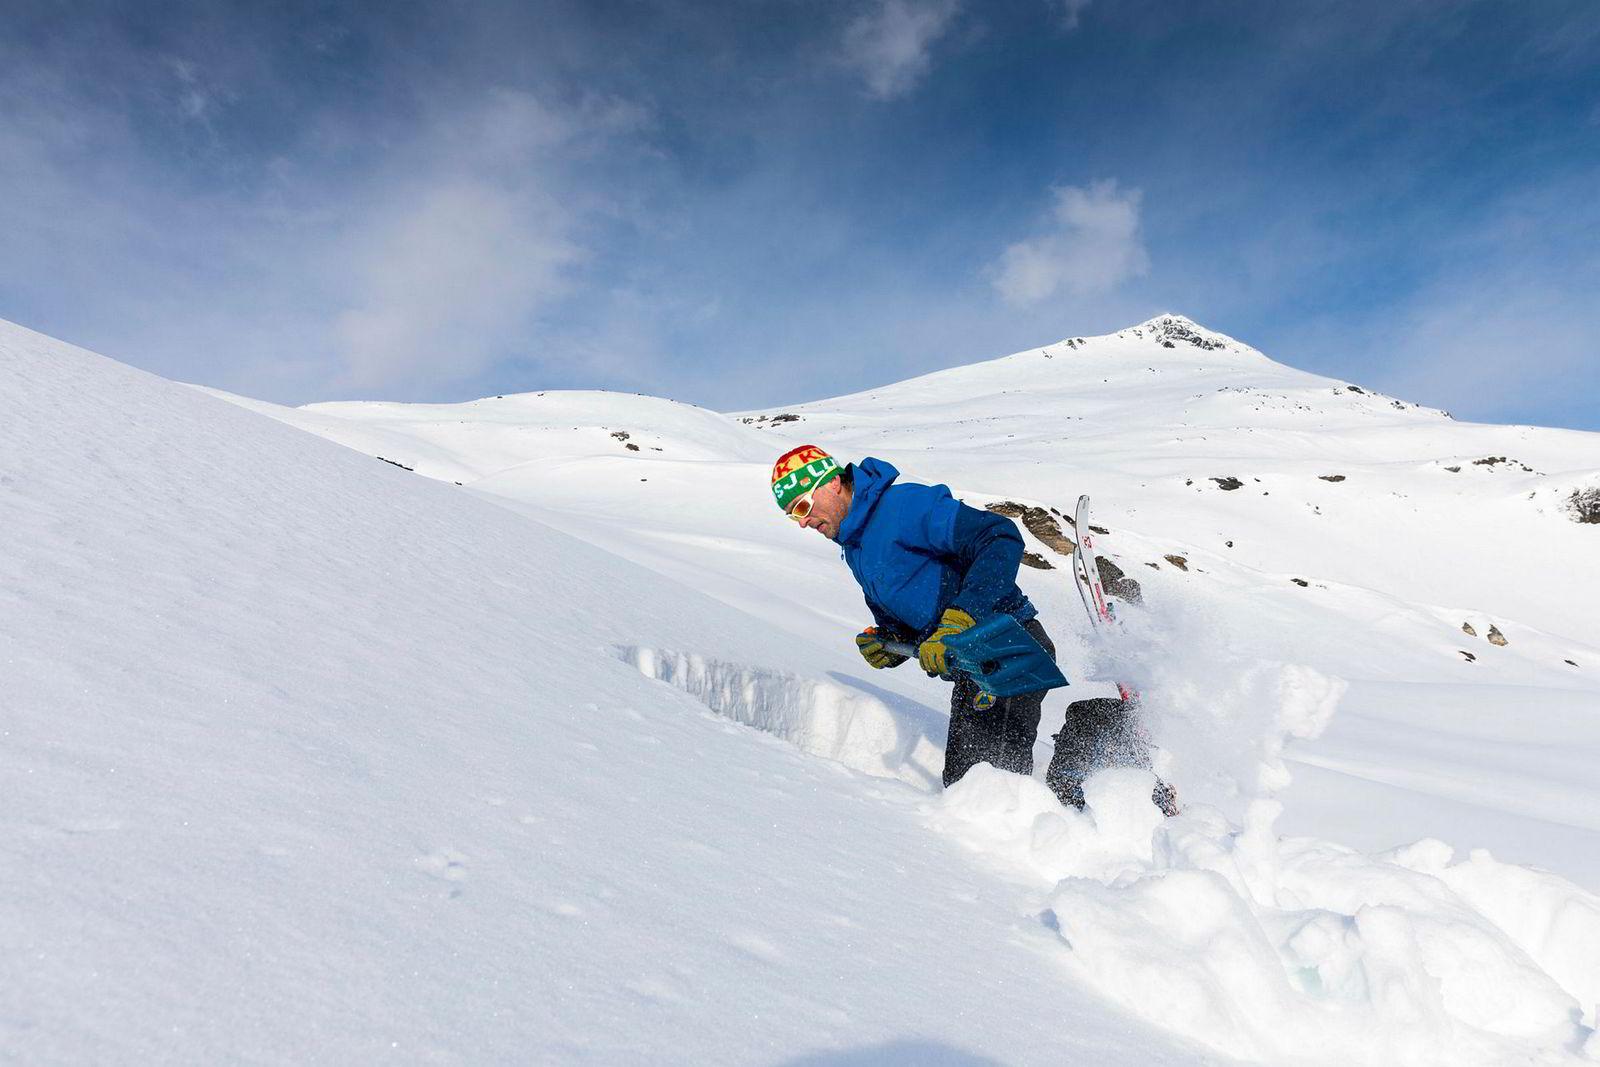 Graving er en del av jobben når man leter etter tegn i snøen. Rognmo kan også få helt klare bestillinger på ting han skal søke etter fra skredvarslerne, som setter observatørenes opplysninger inn i et større bilde.